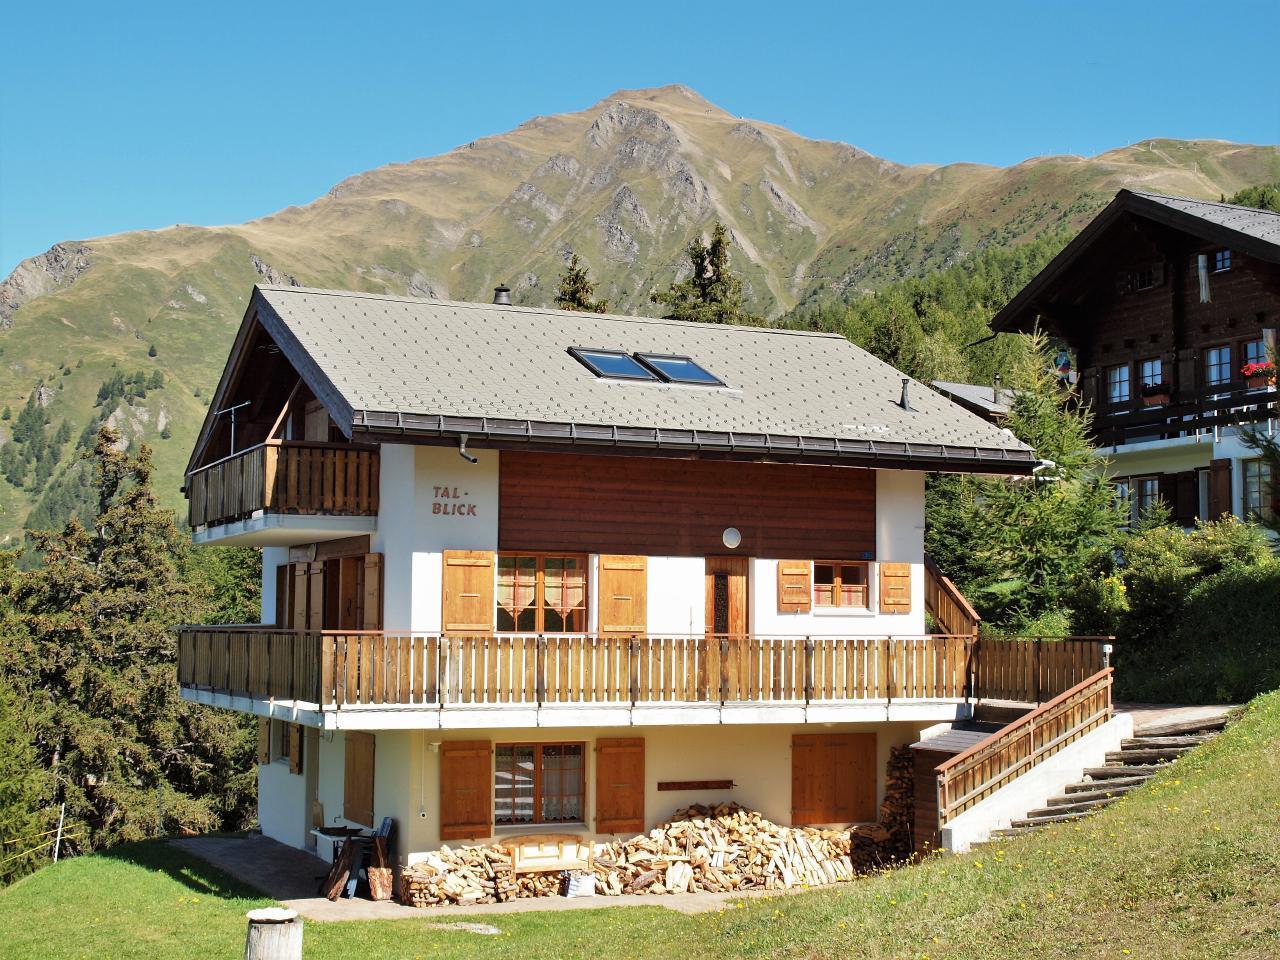 Ferienwohnung Chalet Talblick auf Rosswald im Wallis (2303665), Rosswald, Brig - Simplon, Wallis, Schweiz, Bild 15